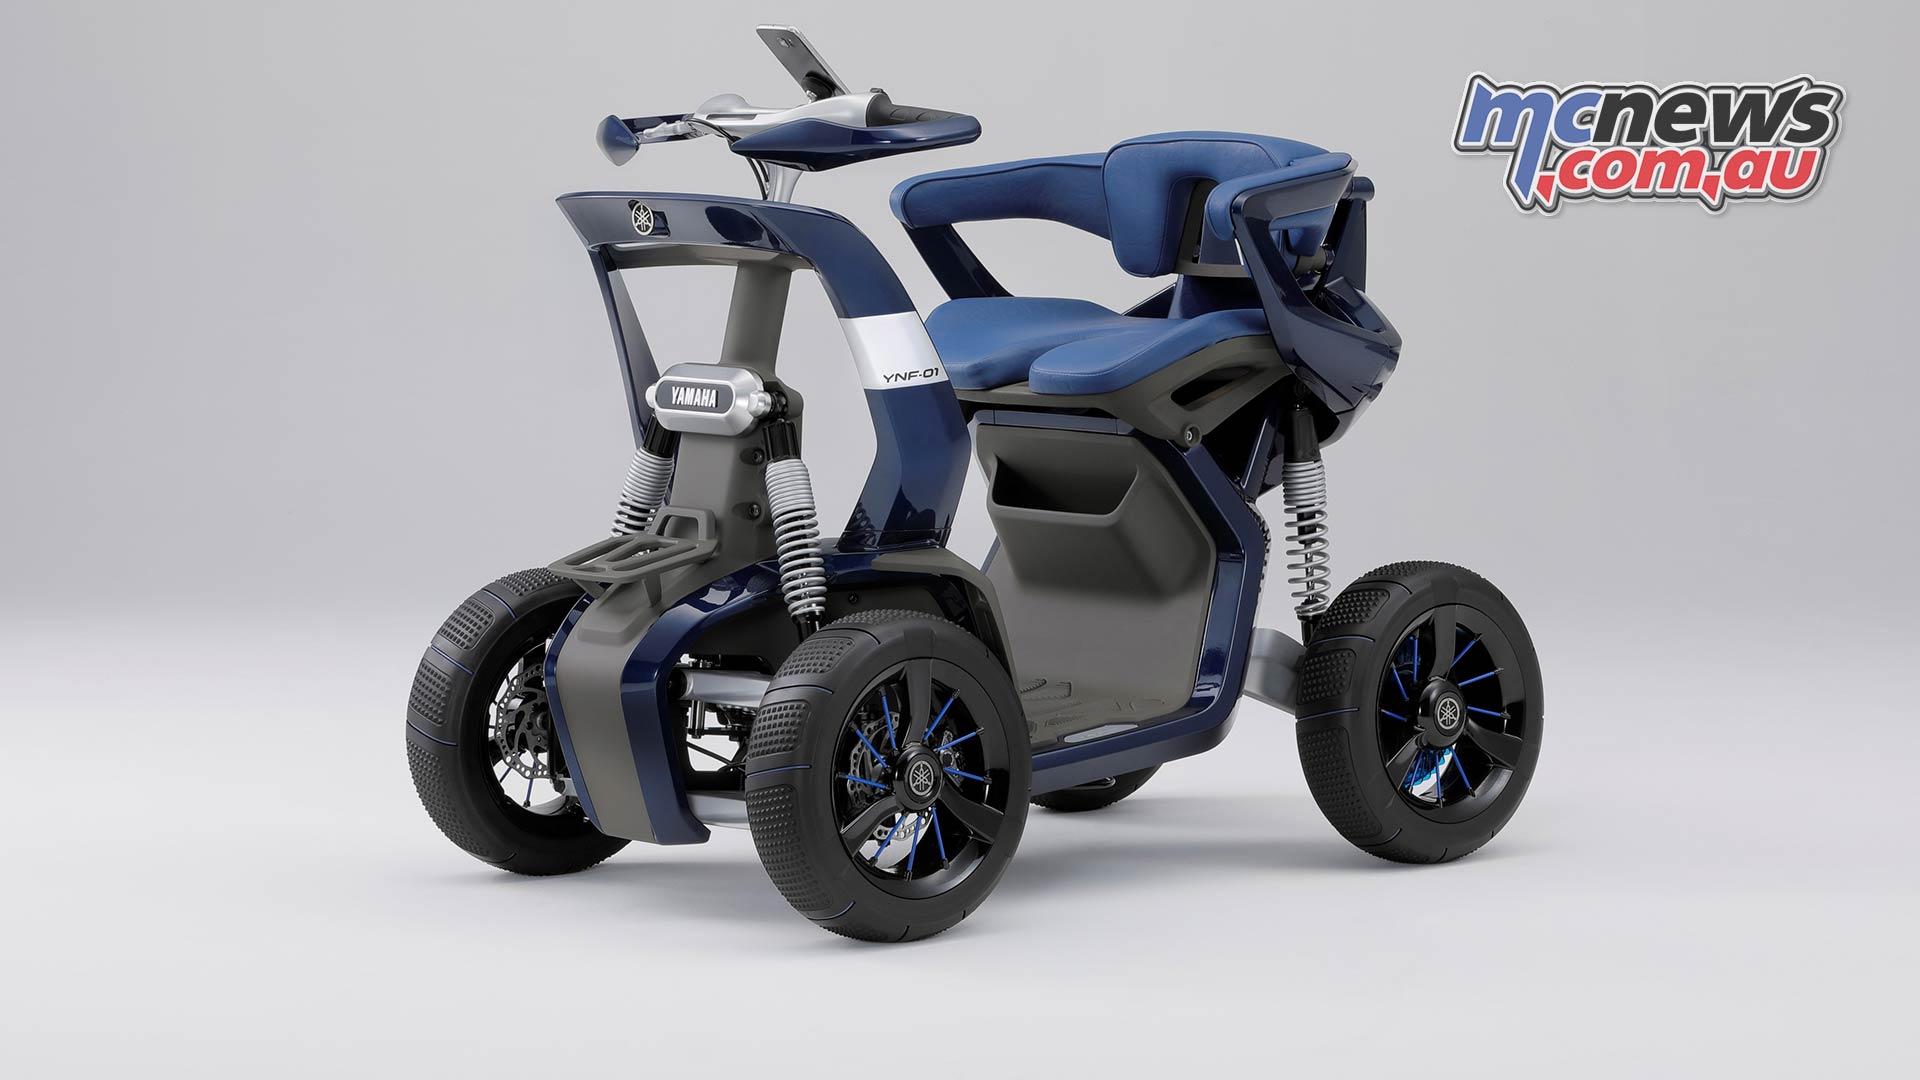 Yamaha YNF